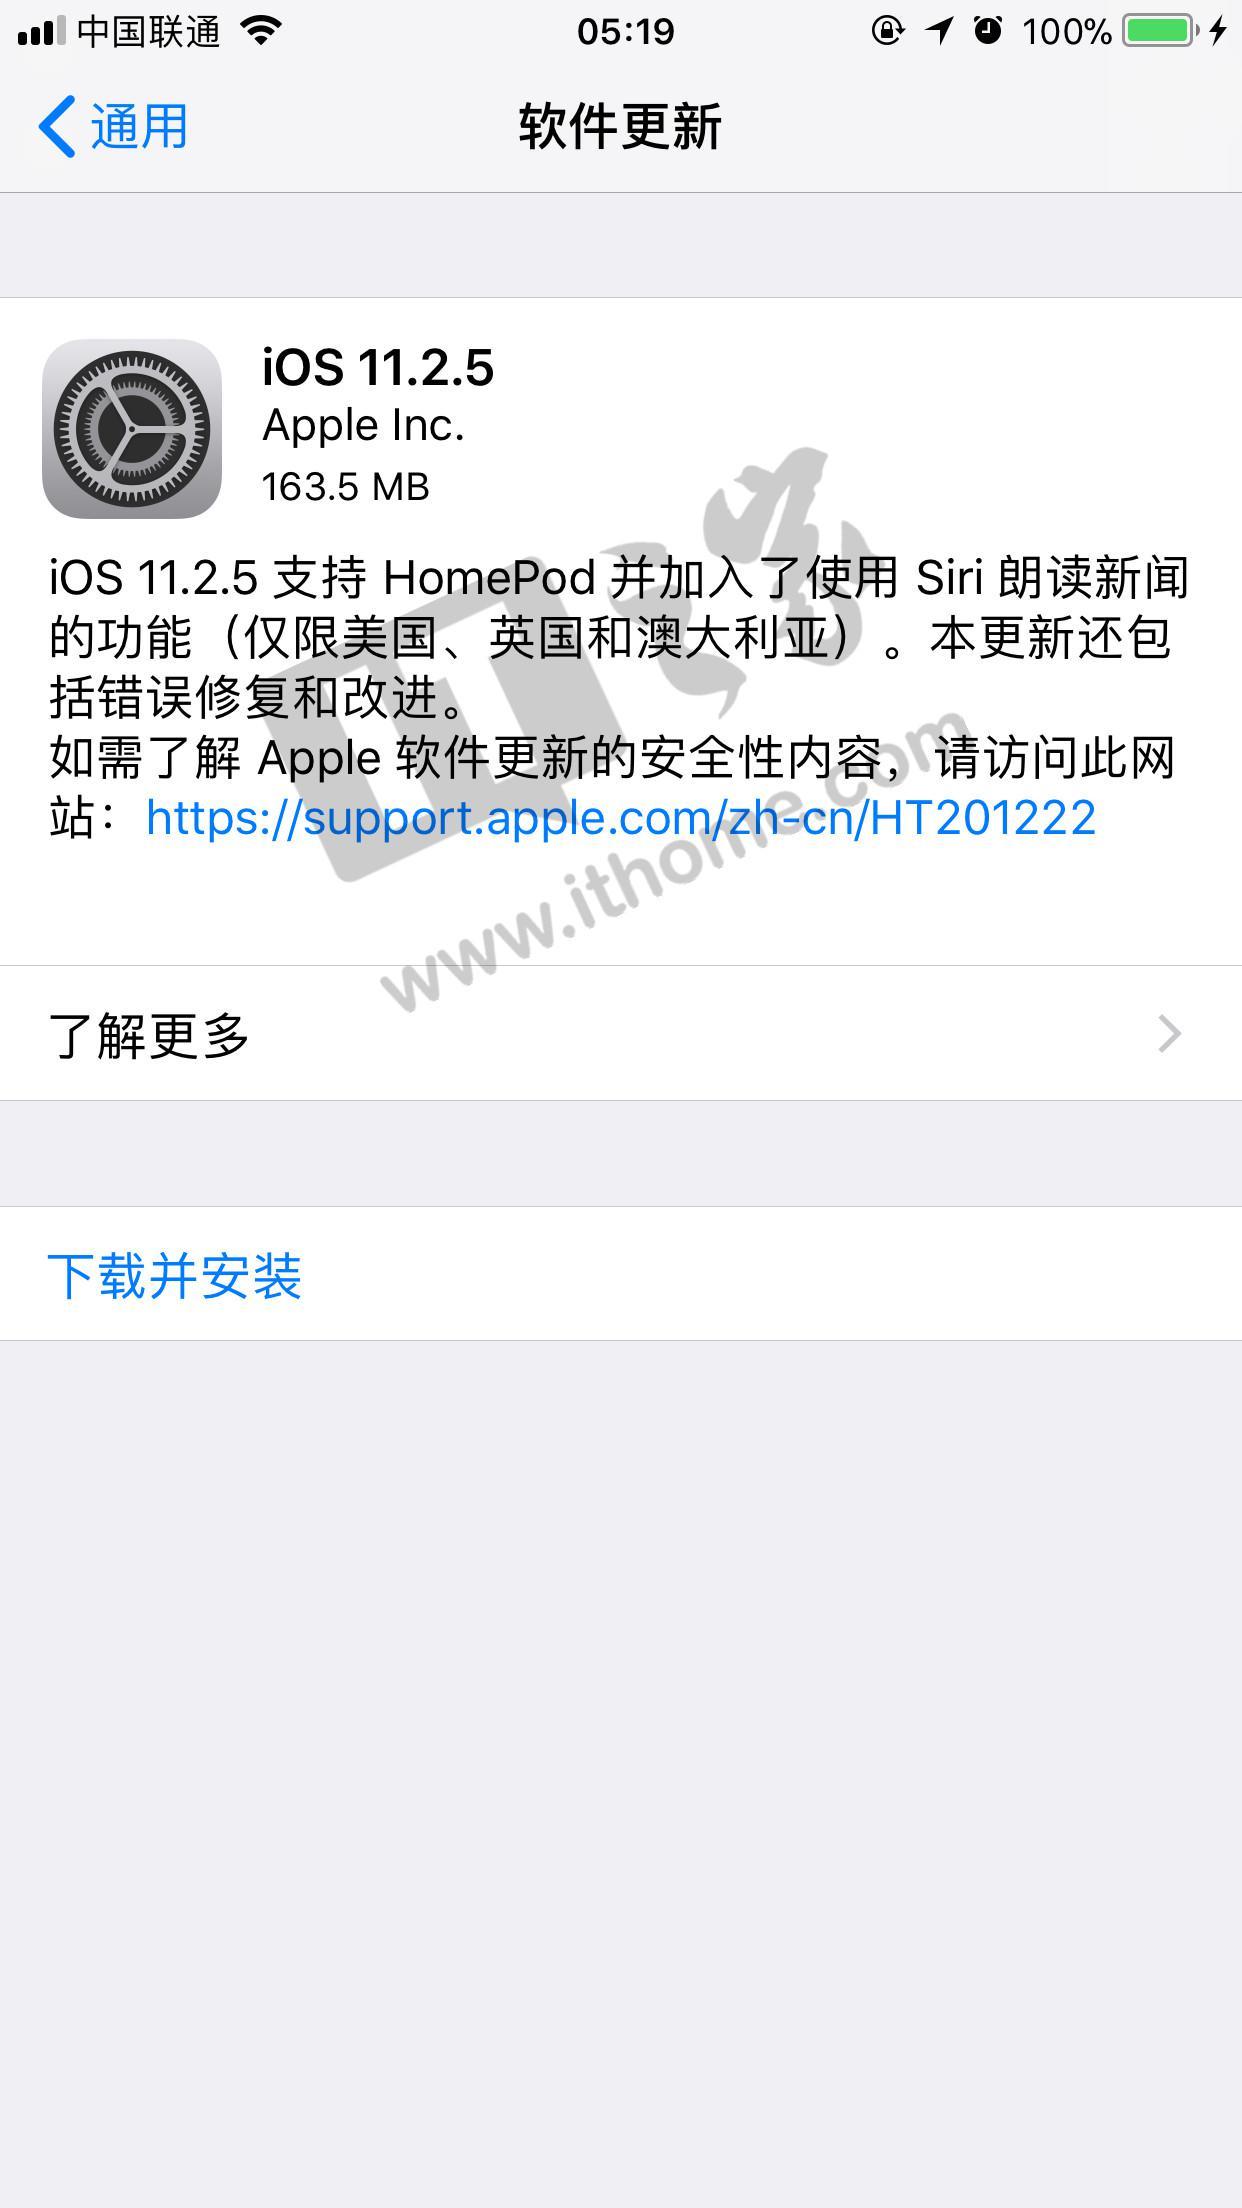 苹果iOS 11.2.5正式版更新发布